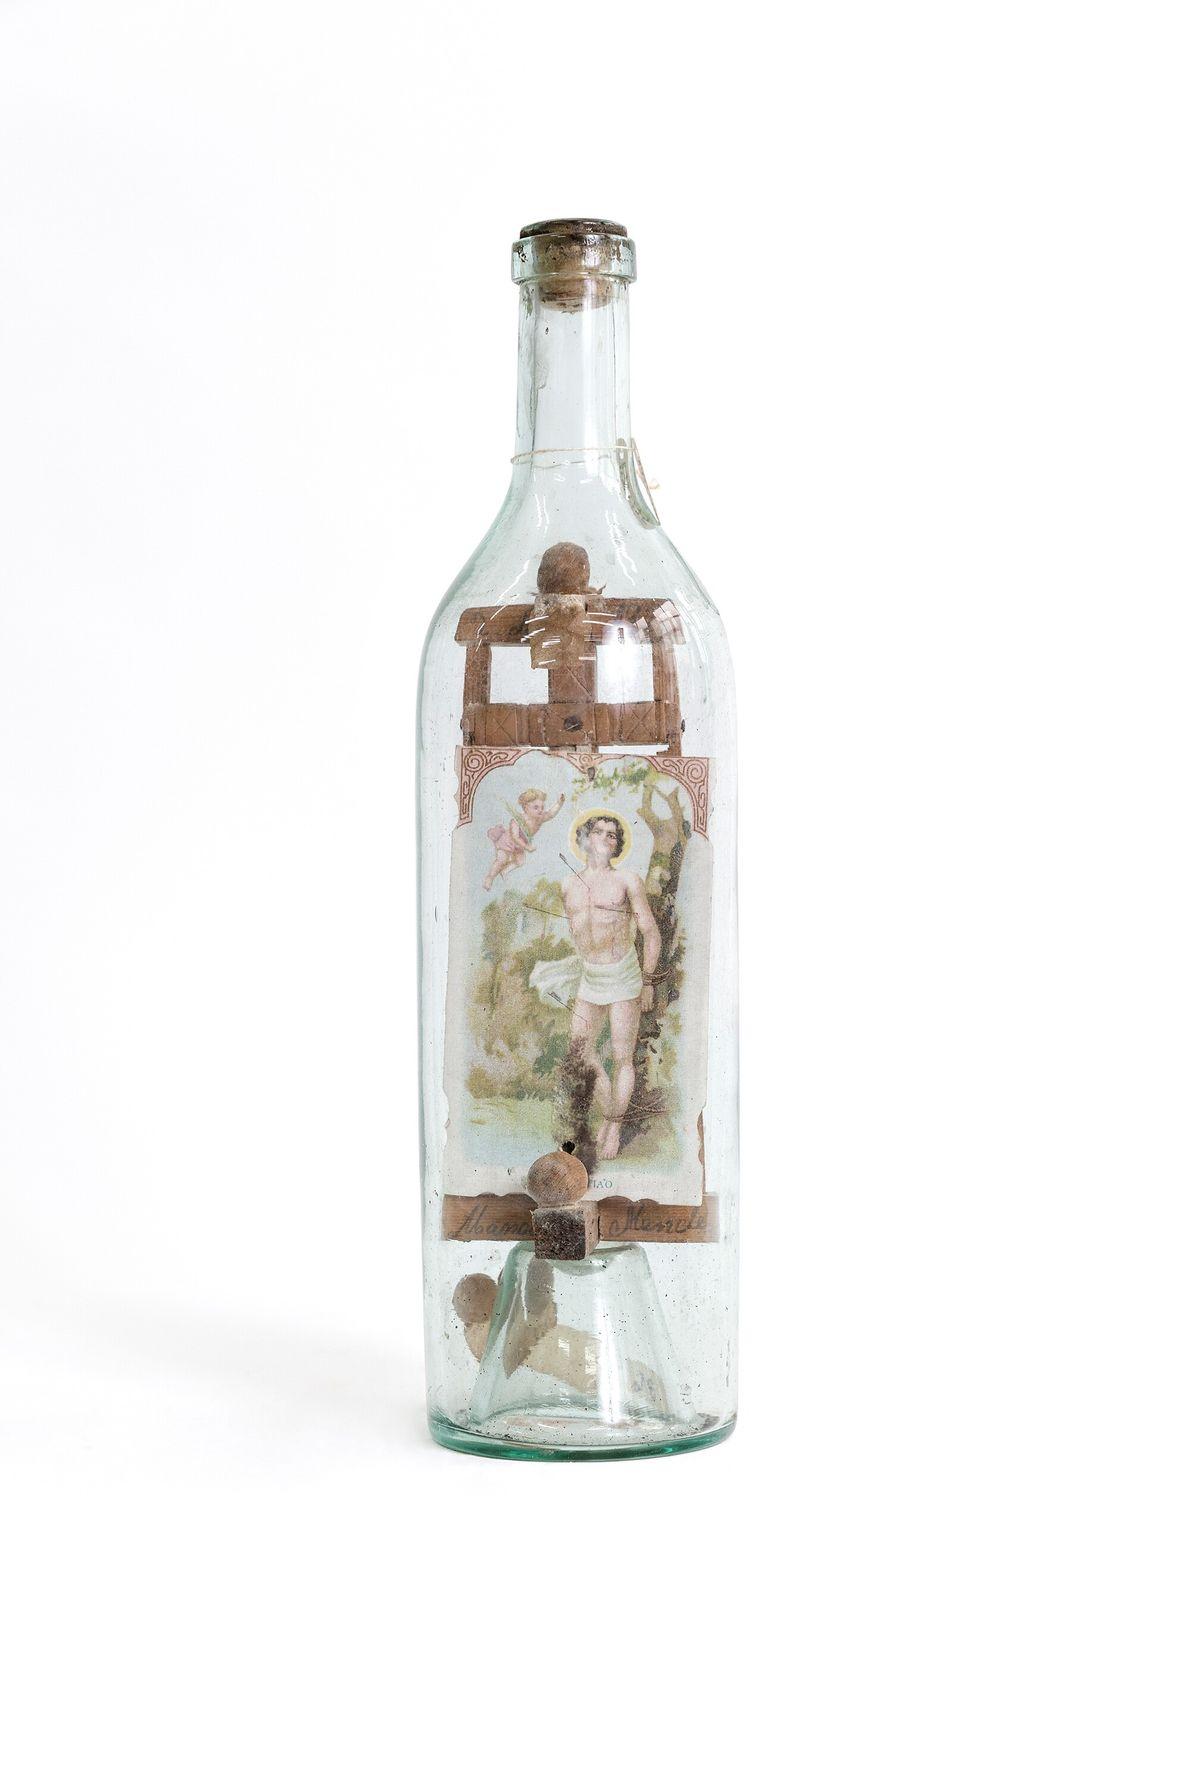 Garrafa contendo uma pequena estrutura em madeira e imagem de São Sebastião, santo comumente associado a ...